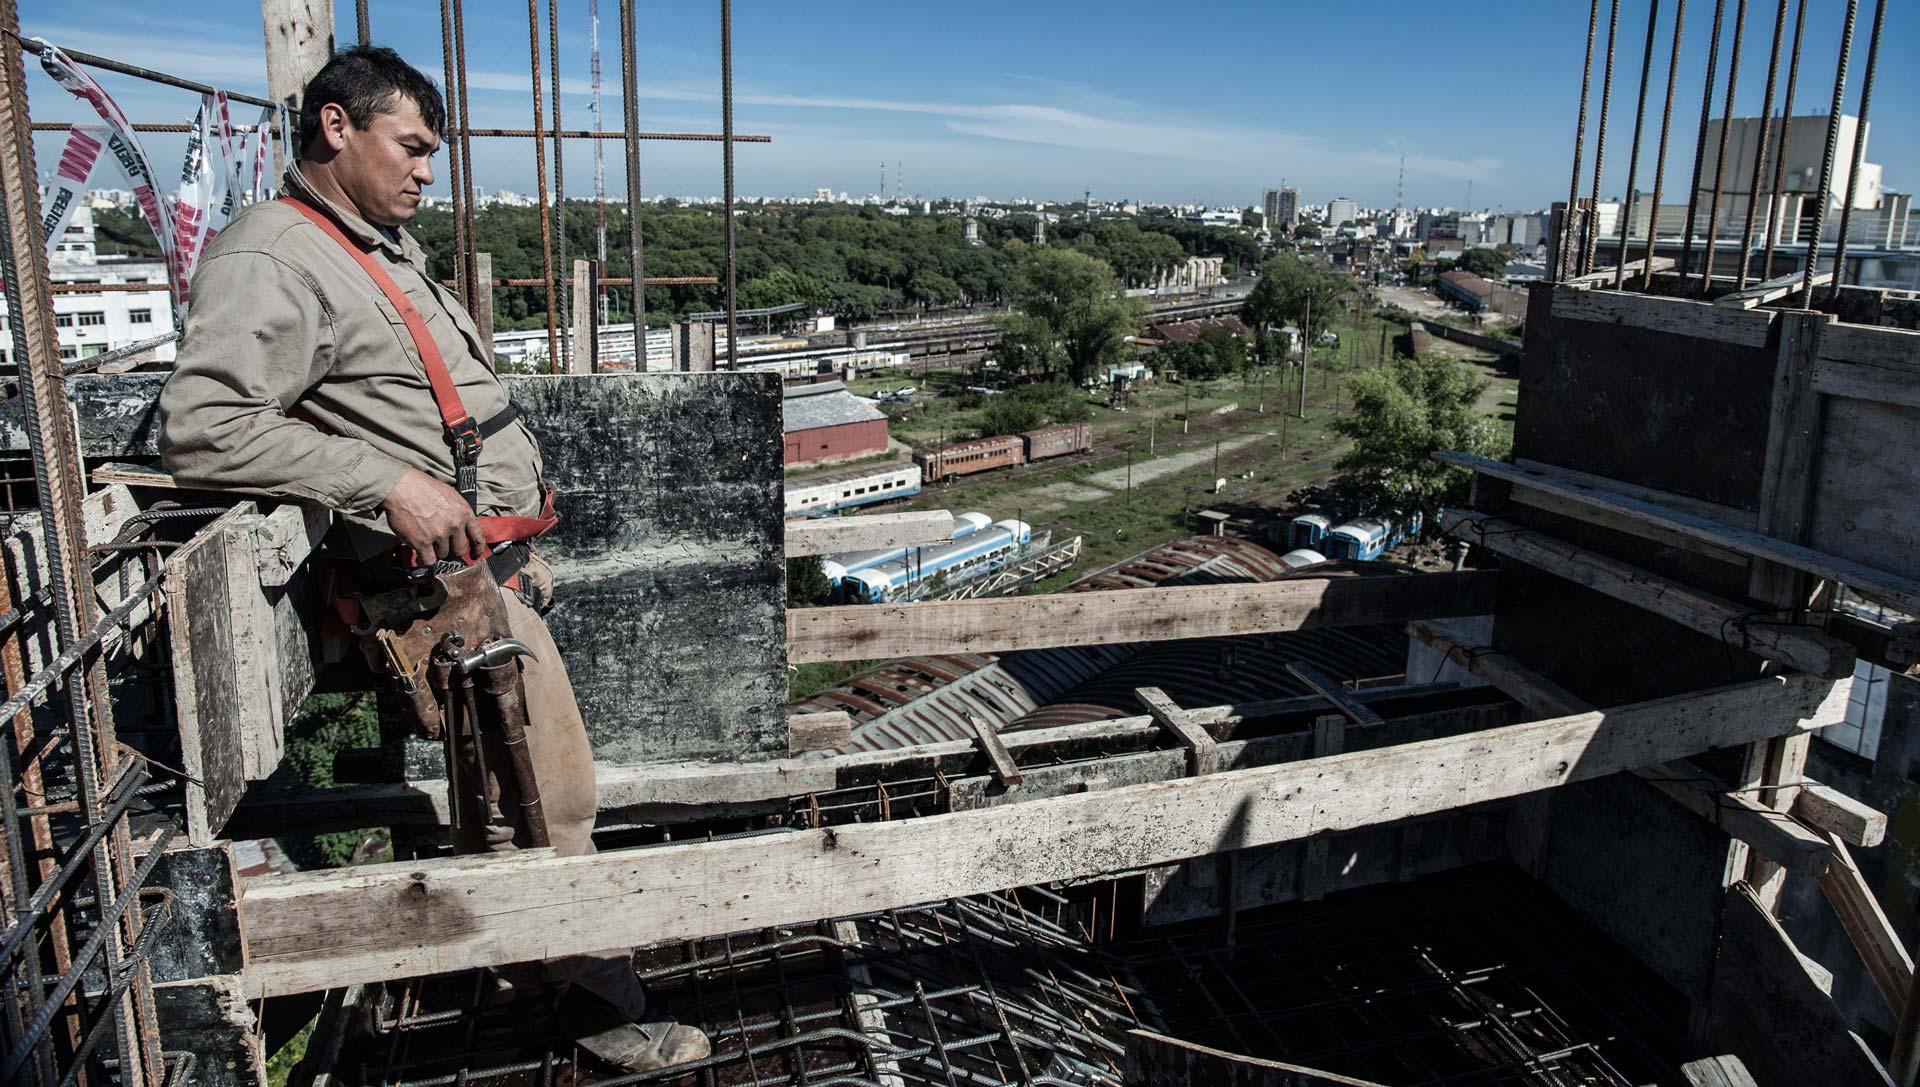 despidos_construccion_kraut_3_caja